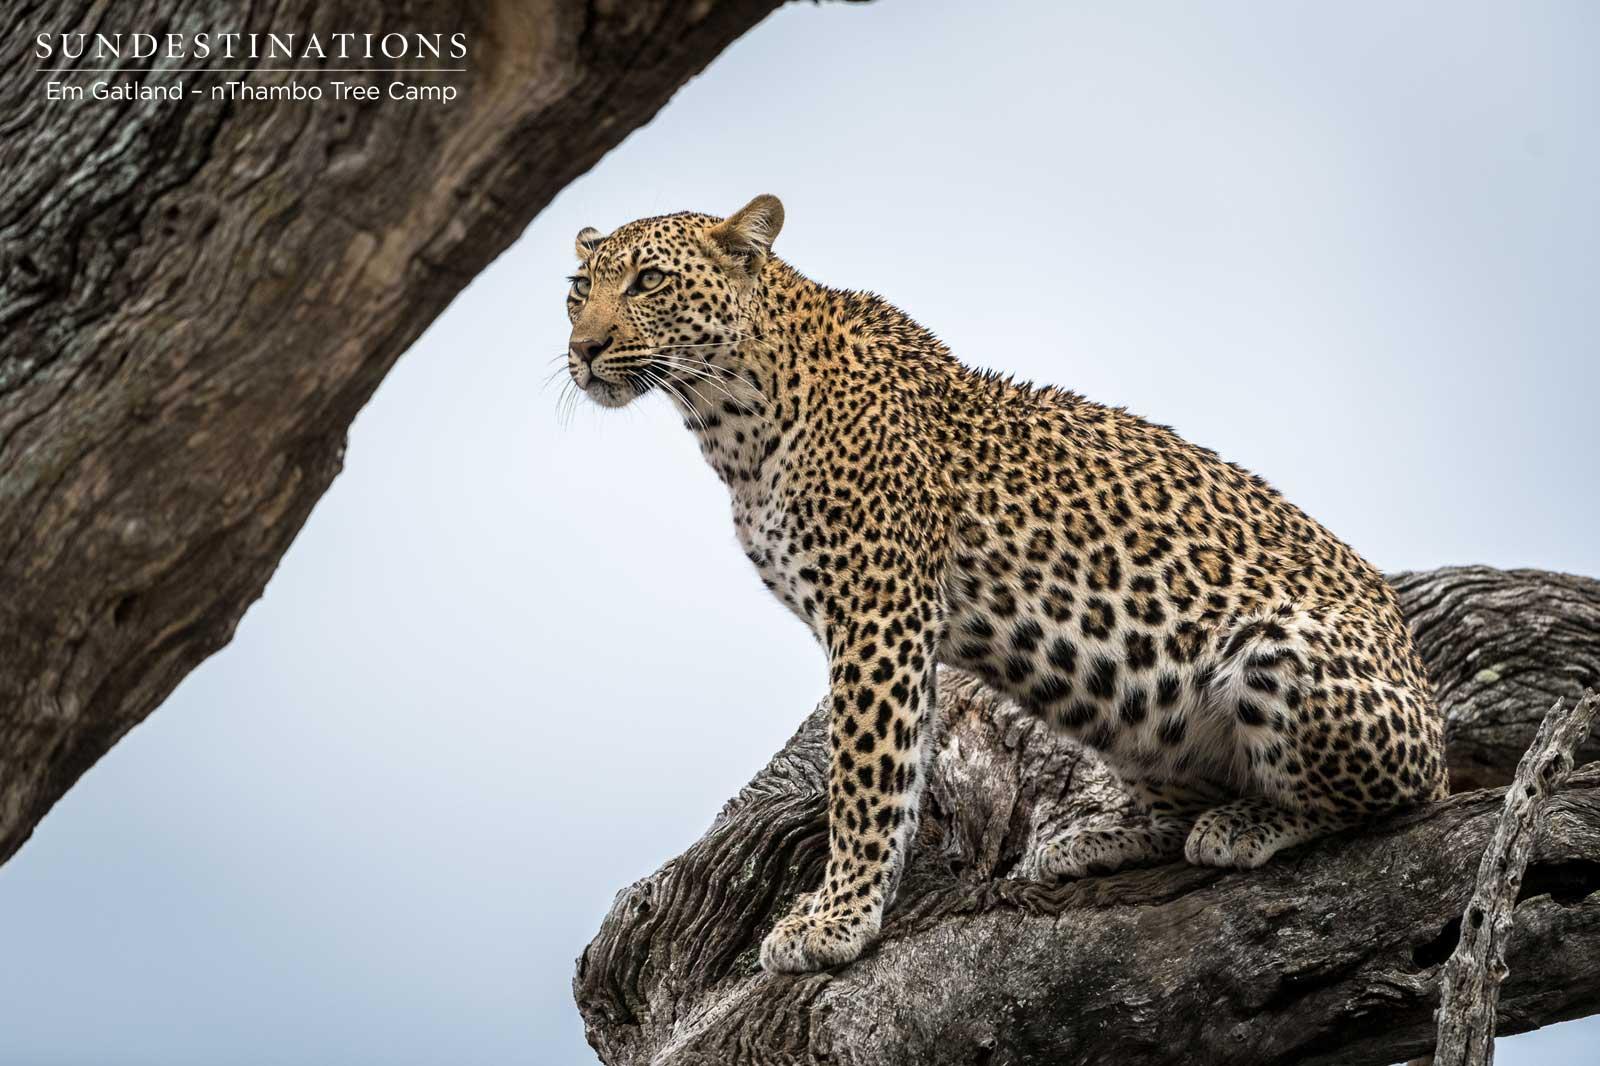 Nyeleti Leopard Klaserie